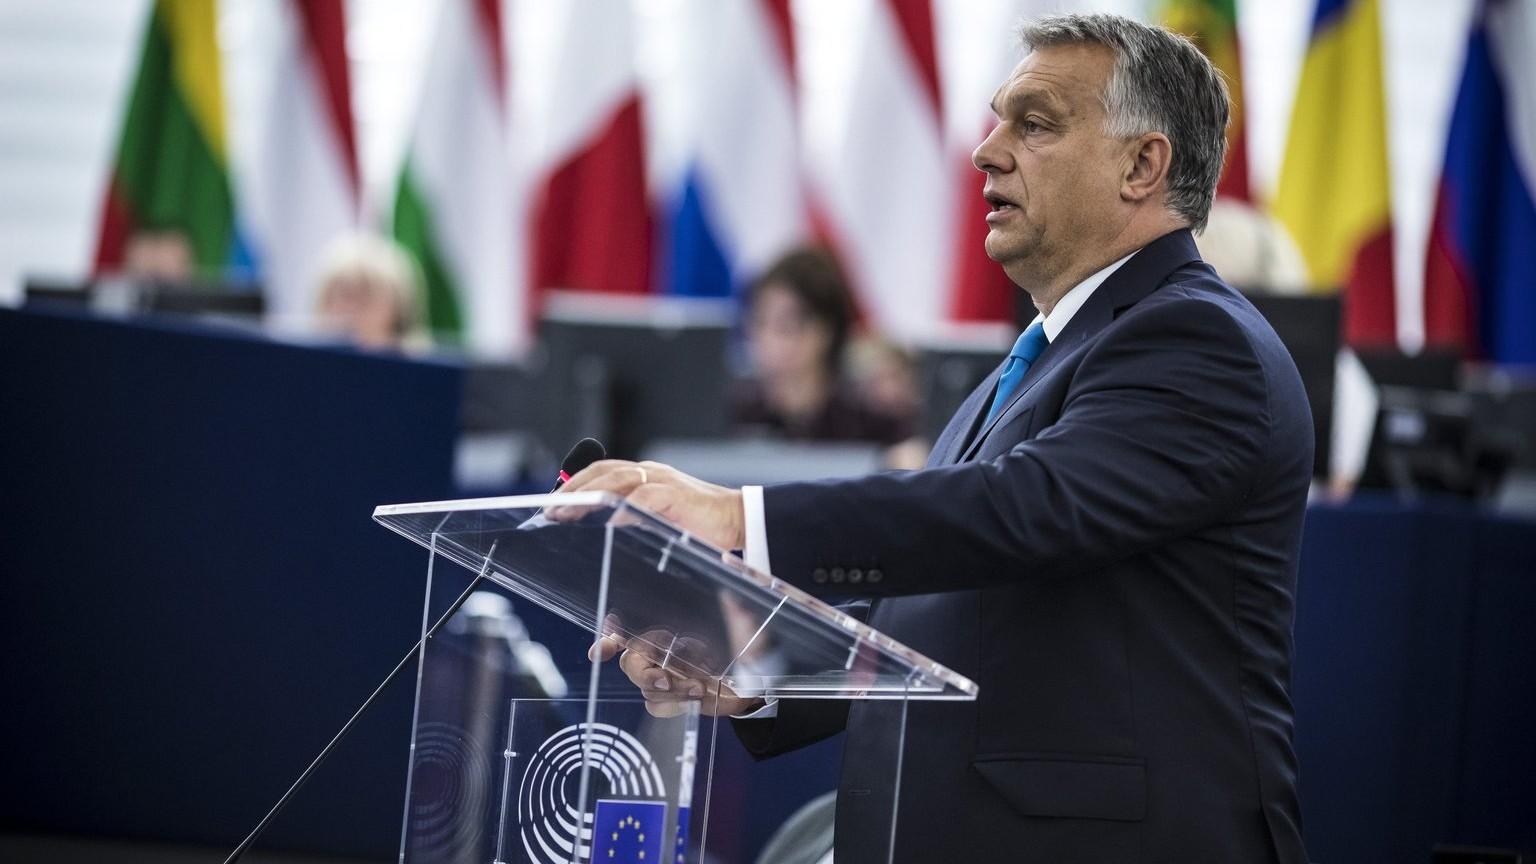 Orbán Viktor miniszterelnök felszólal az Európai Parlament vitáján 2018. szeptember 11-én (Fotó: MTI Fotó: Miniszterelnöki Sajtóiroda / Szecsődi Balázs)